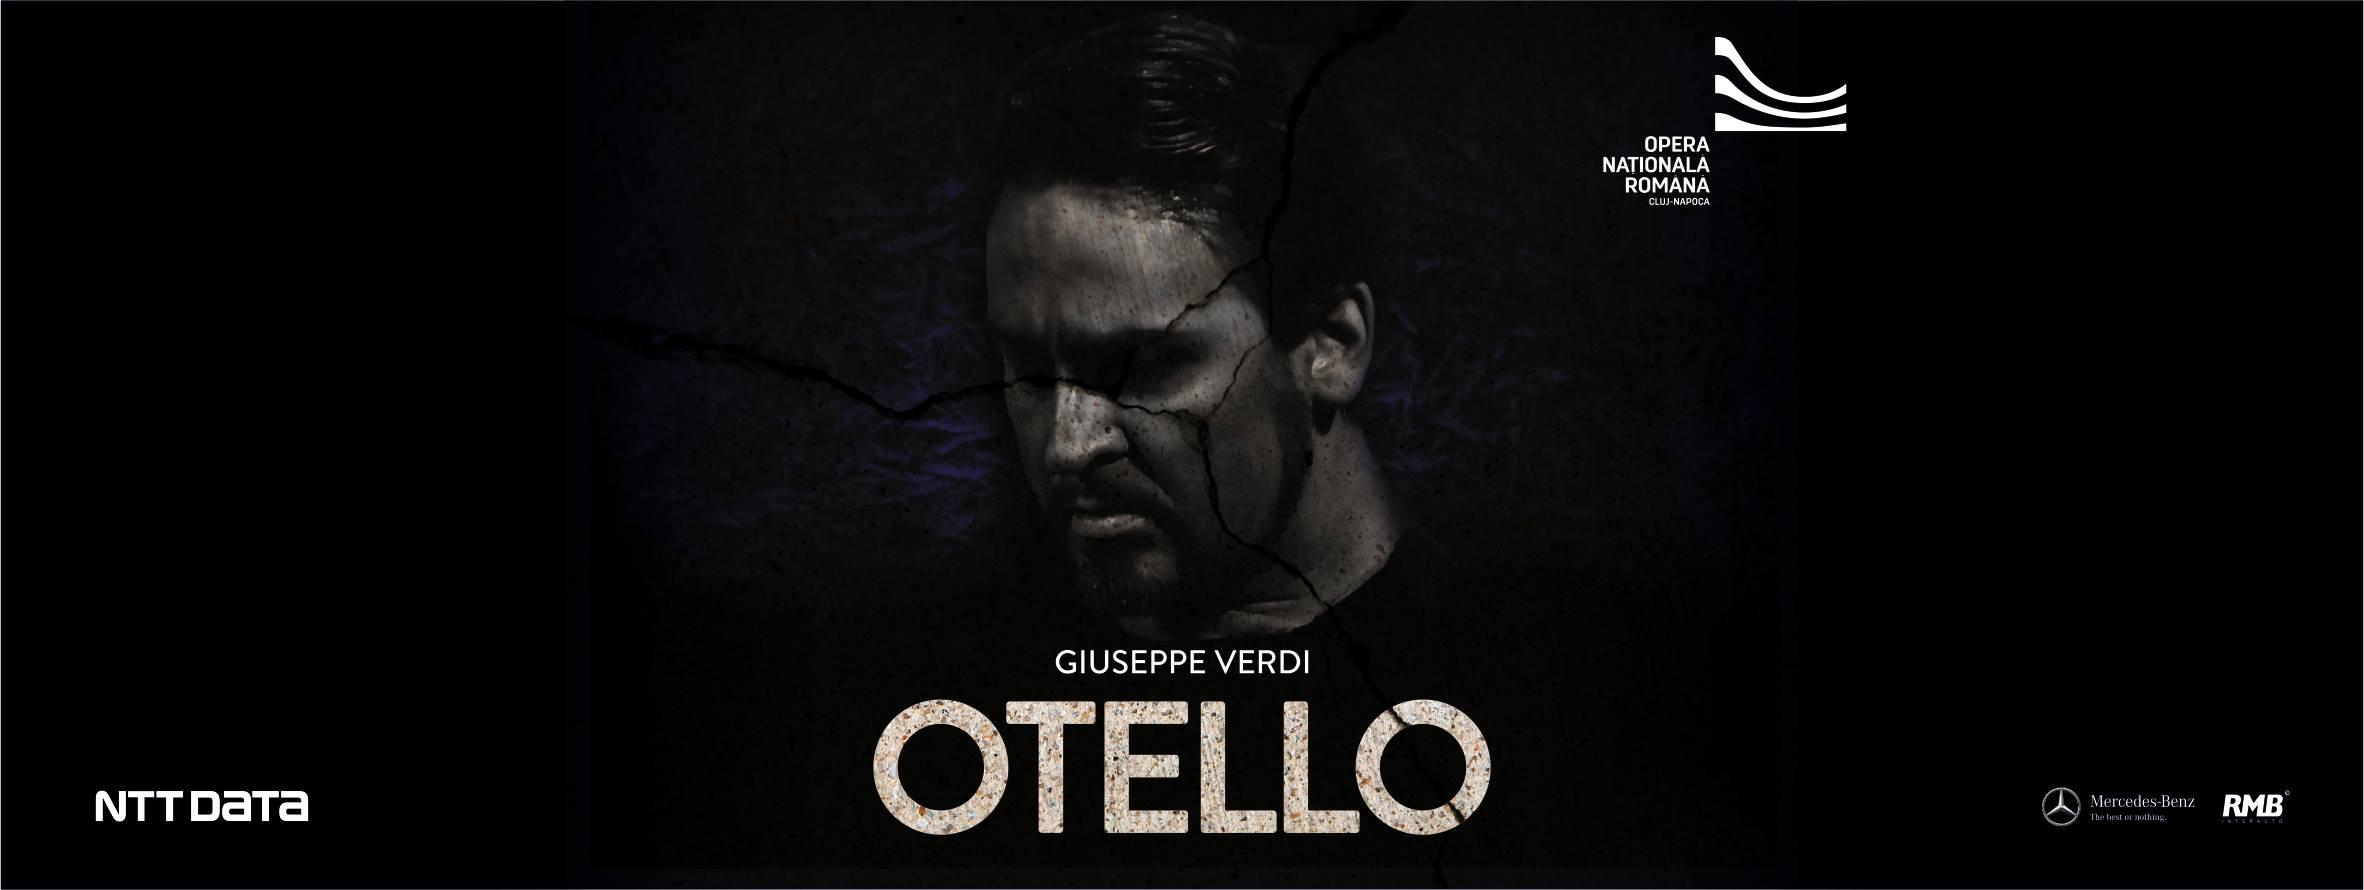 Otello @ Opera Națională